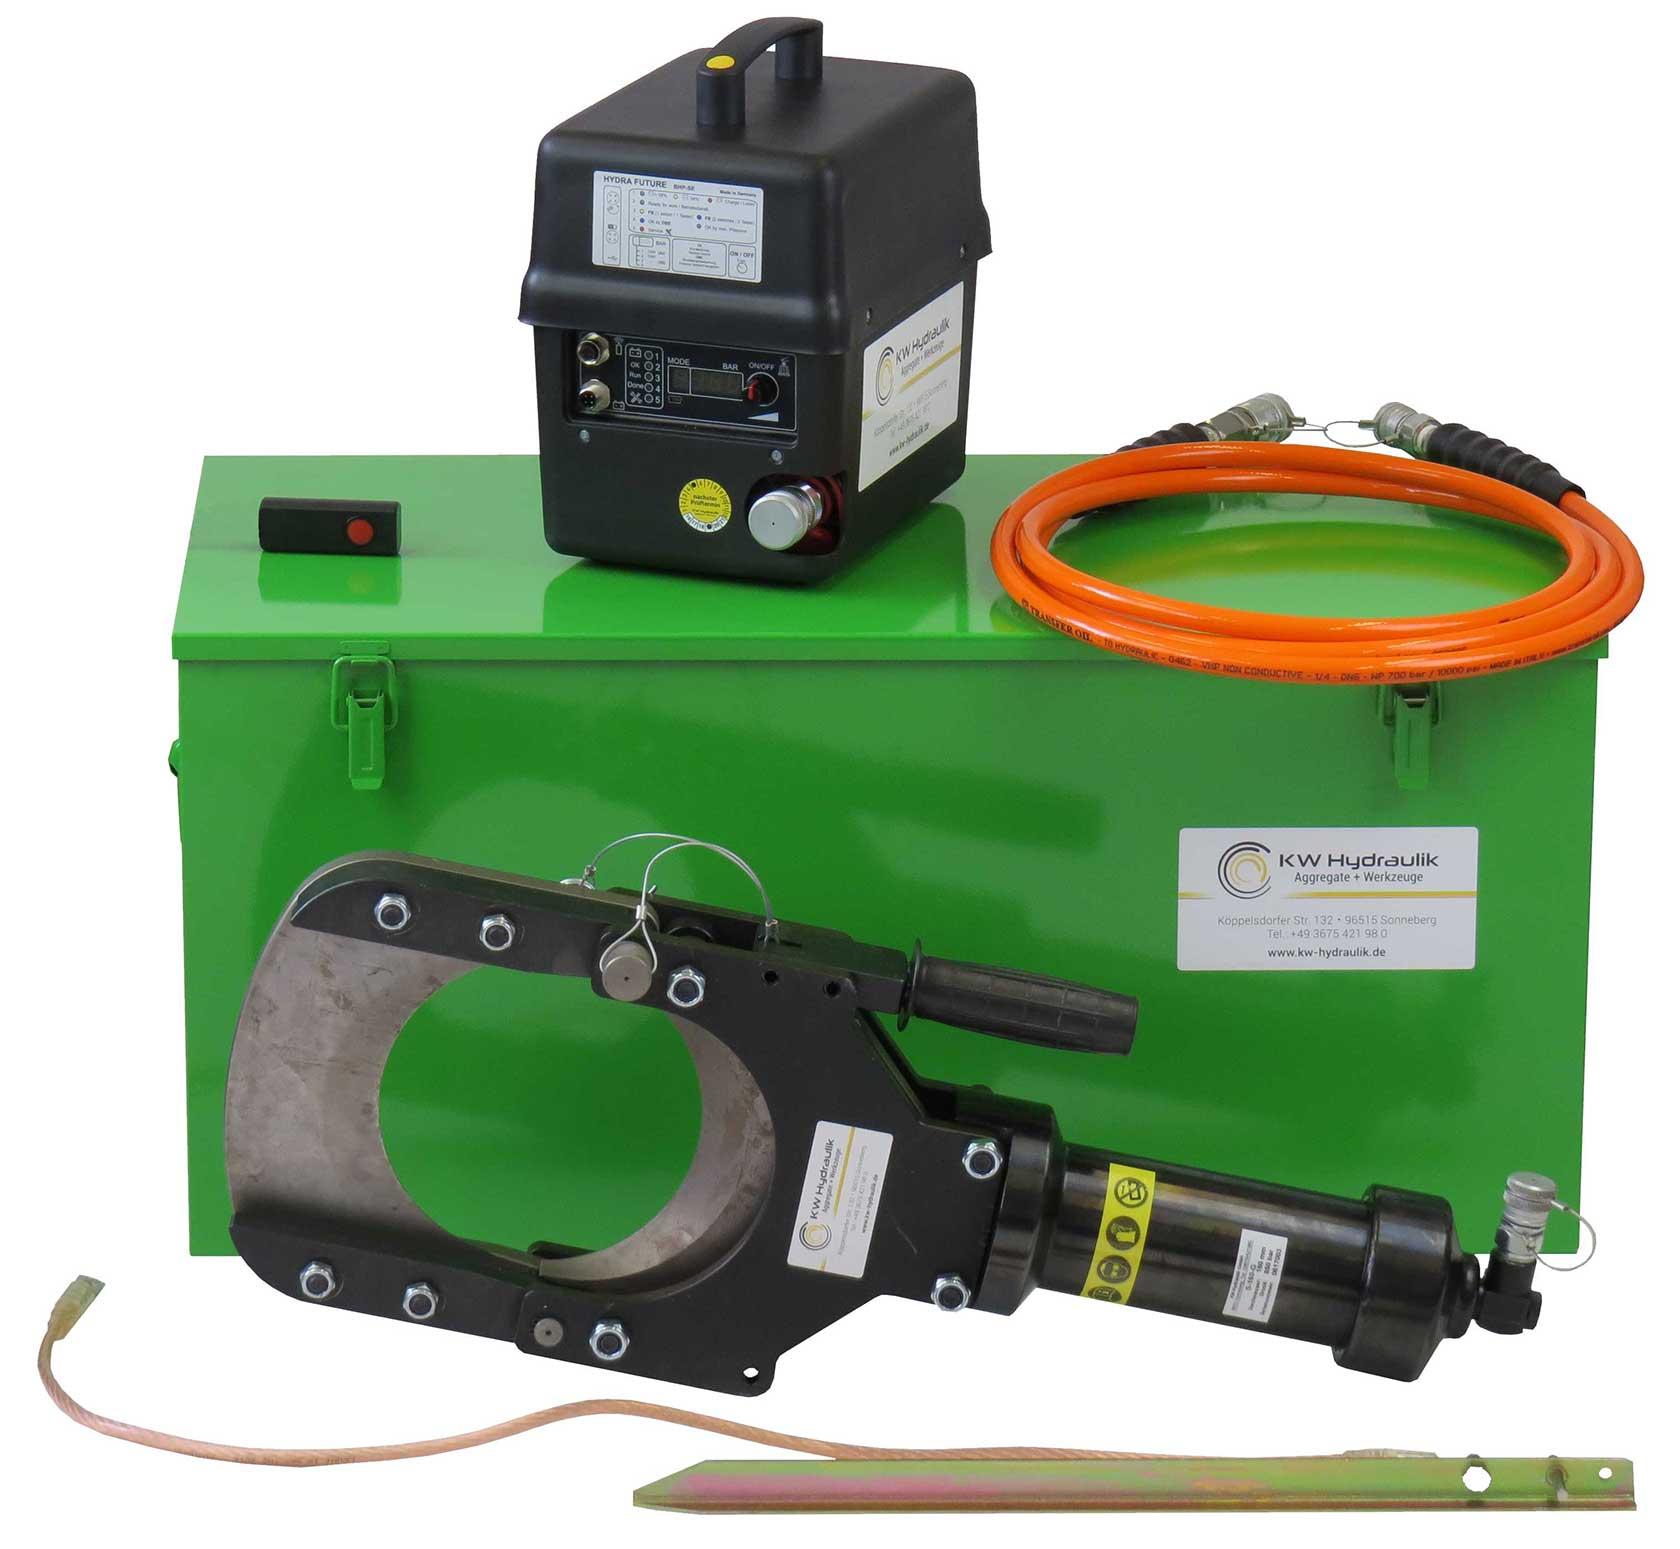 Akku Hochdruck Hydraulikpumpe für autarke Arbeiten mit Hydraulik Werkzeugen